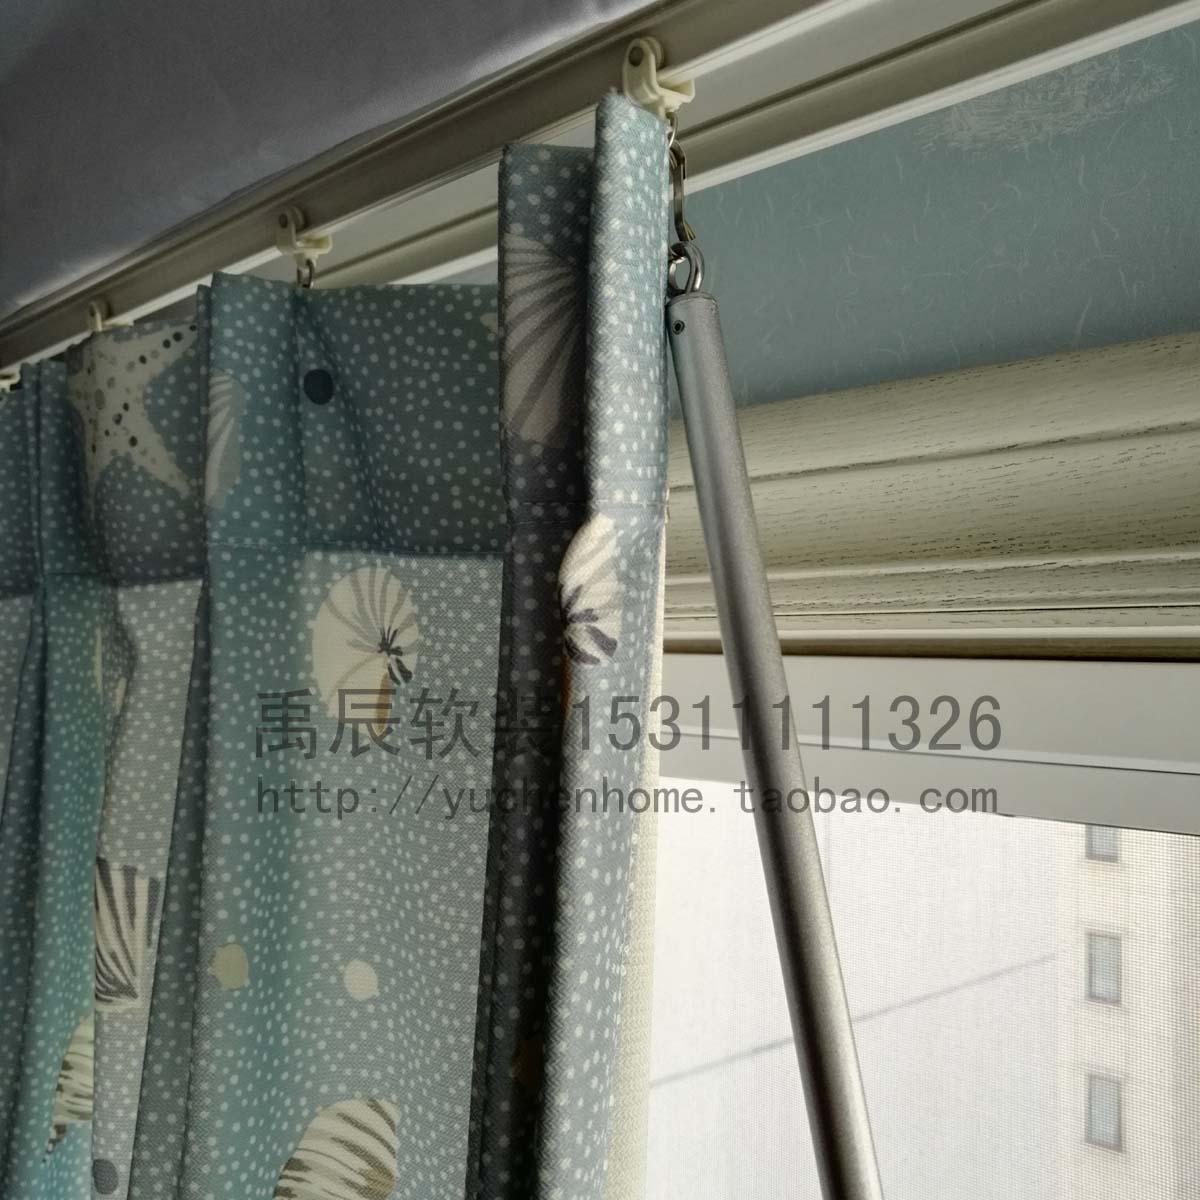 铁艺窗帘拉杆简约家用轨道手拉杆酒店宾馆工程手动拉棒免邮